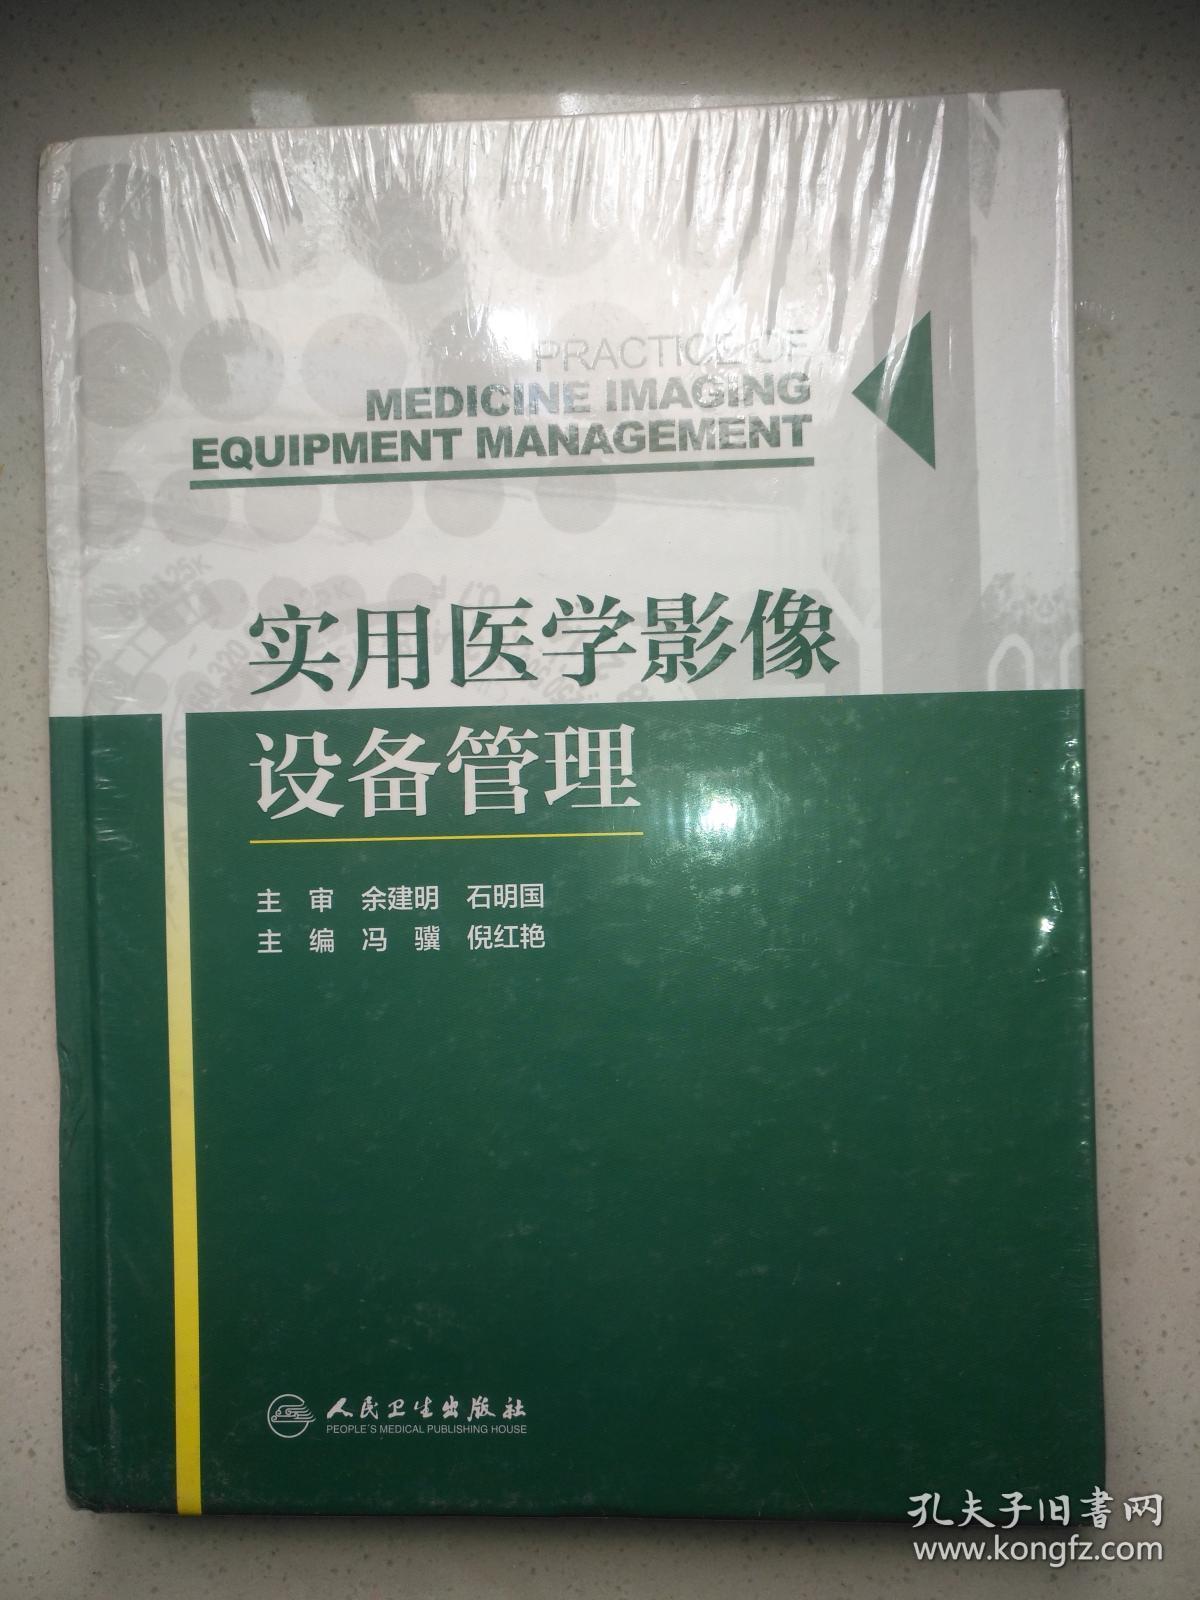 实用医学影像设备管理(未拆封)